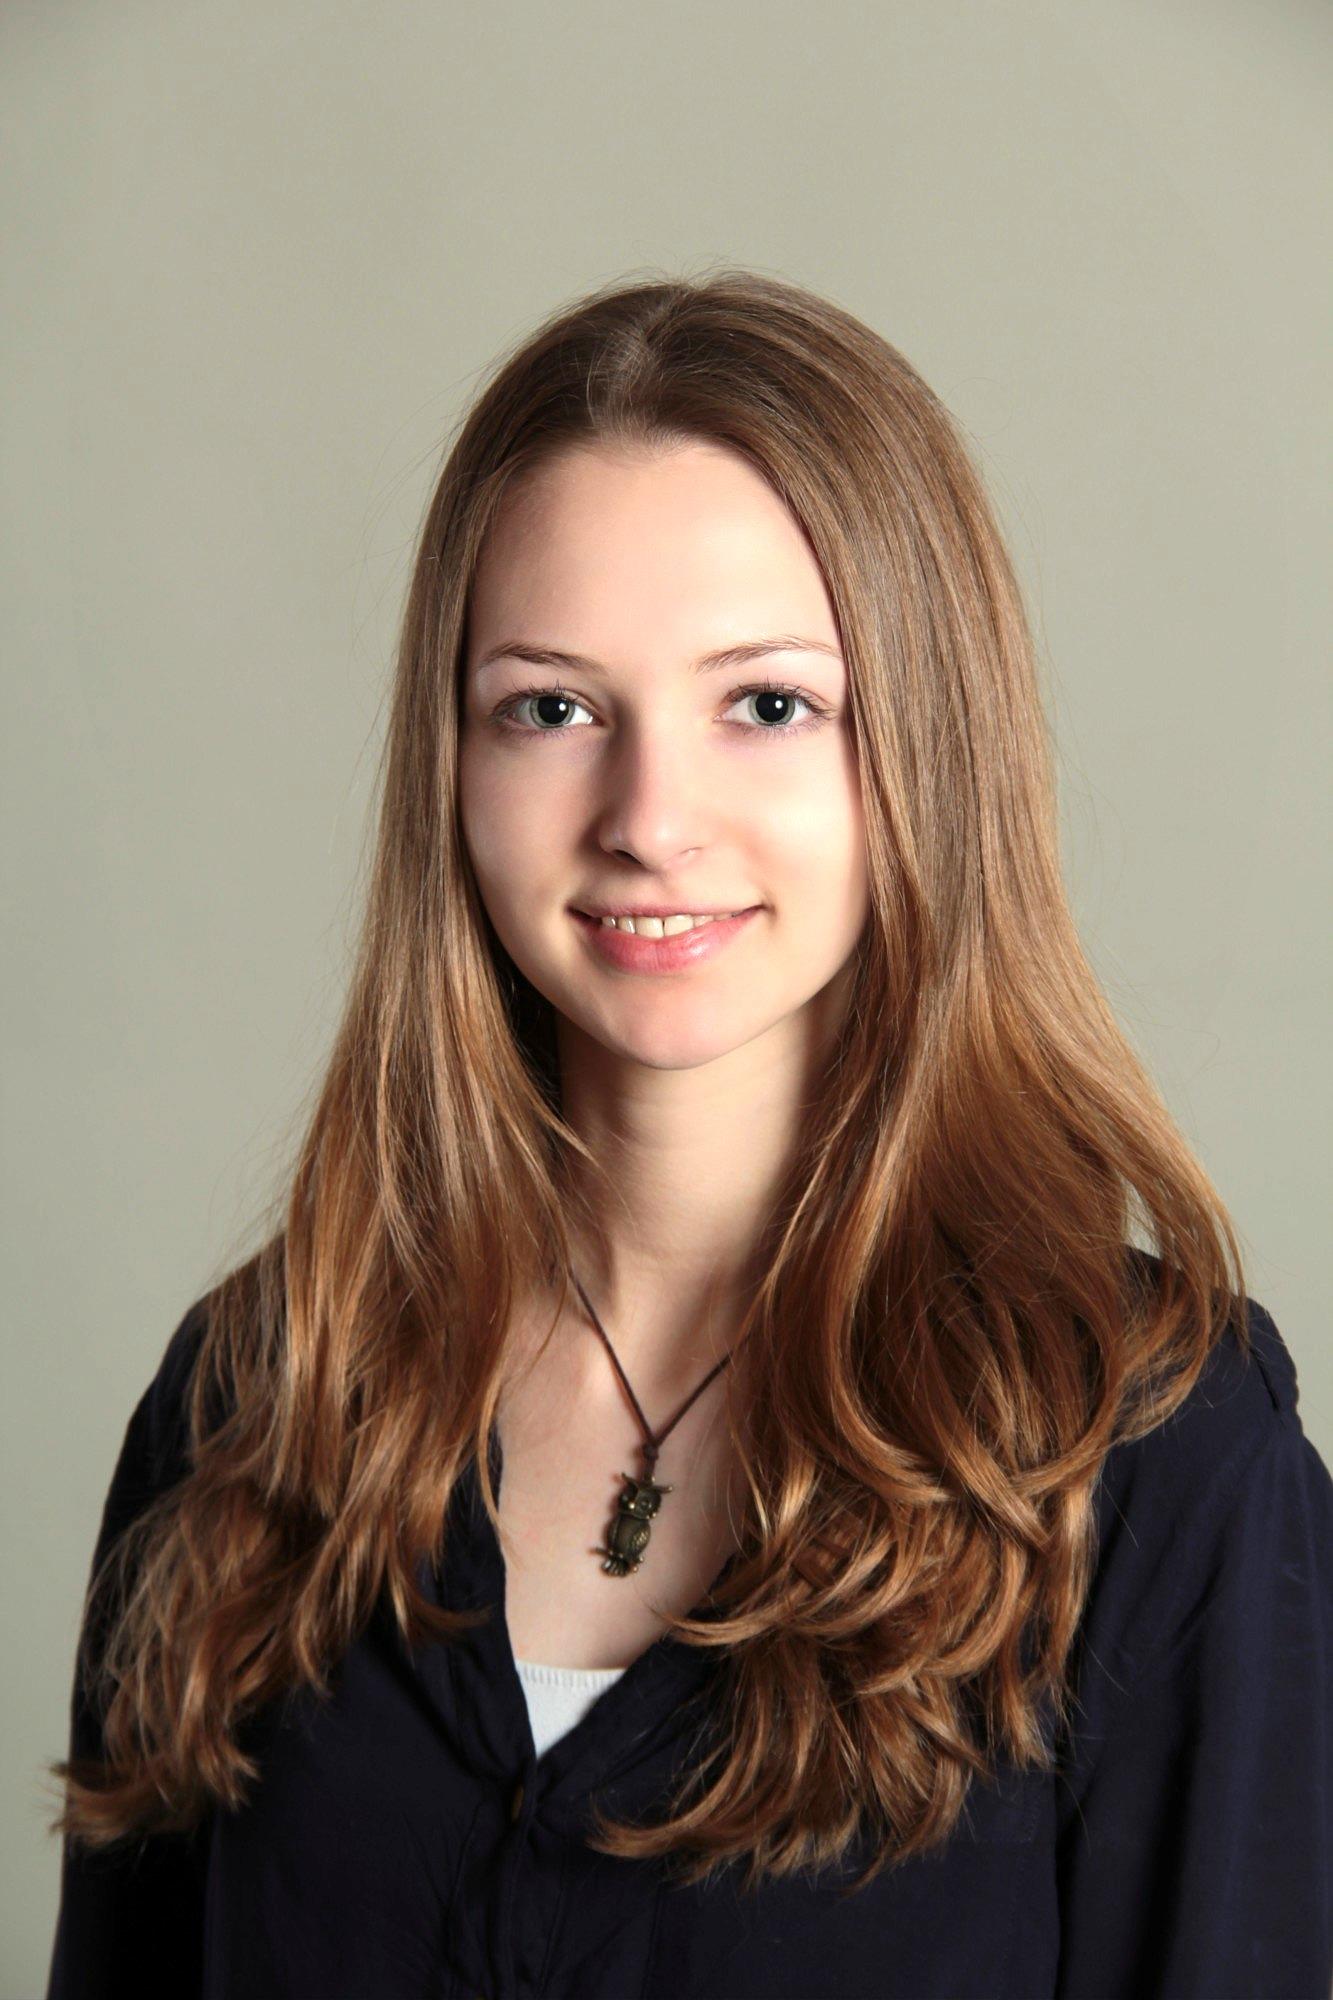 Lisa Biendl